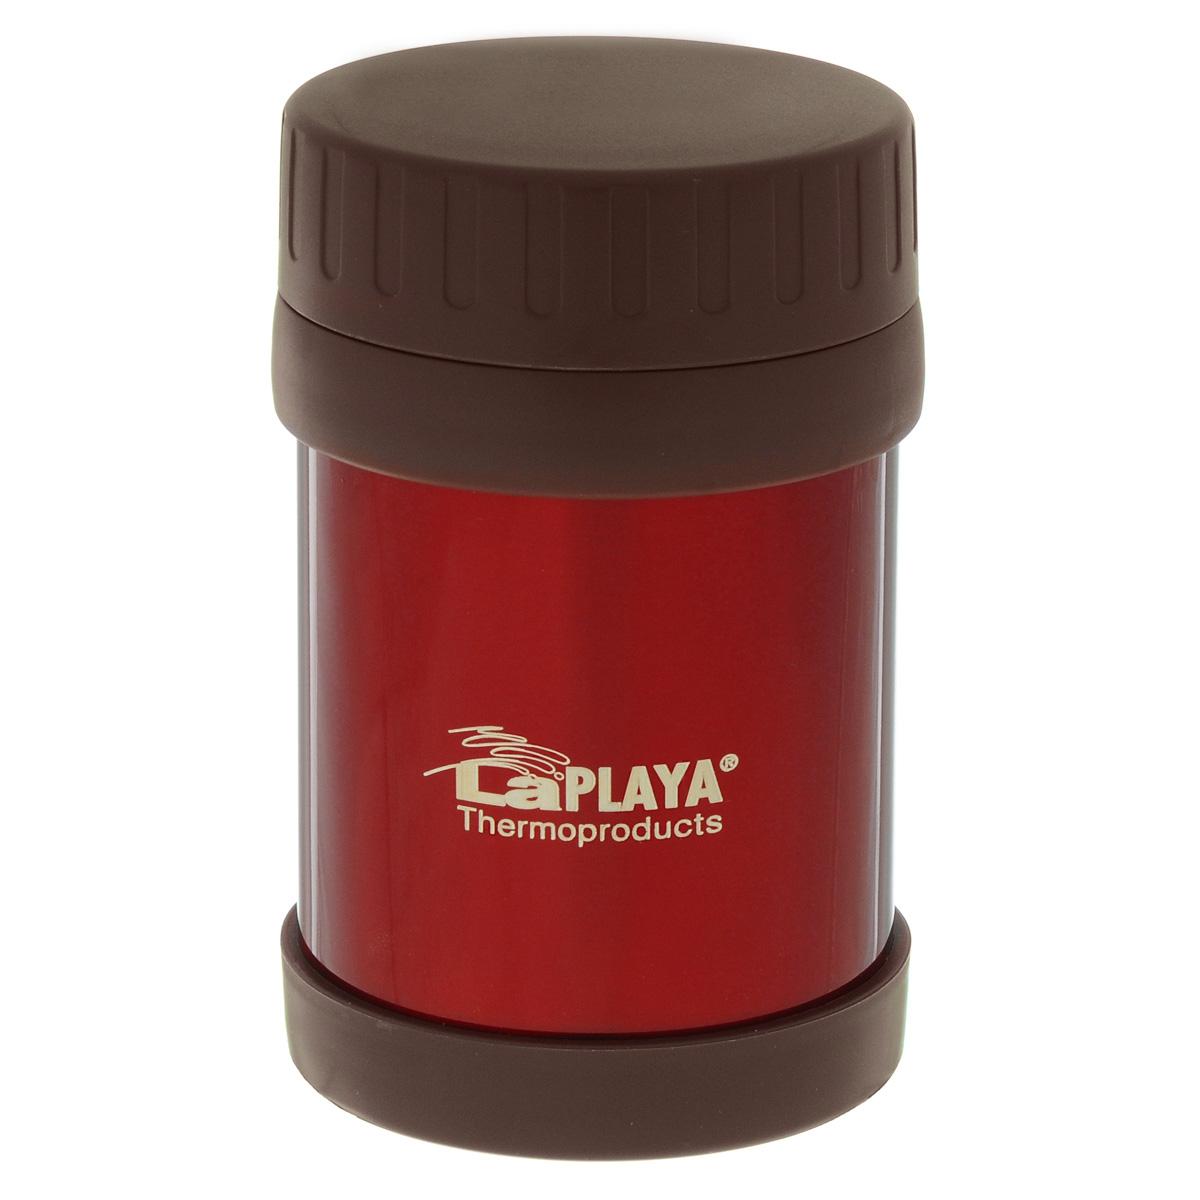 Термос для еды LaPlaya Food Container, цвет: красный, 350 мл560081Корпус термоса LaPlaya Food Container изготовлен из высококачественной нержавеющей стали с двумя стенками. Термос оснащен крышкой, благодаря которой сохраняется абсолютная герметичность. Изделие имеет большое горлышко, поэтому идеально подходит для салатов, закусок, первых и вторых блюд.Такой термос удобен в использовании и станет полезным подарком. Диаметр (по верхнему краю): 8 см. Диаметр основания: 8,5 см. Высота (с учетом крышки): 13,5 см.